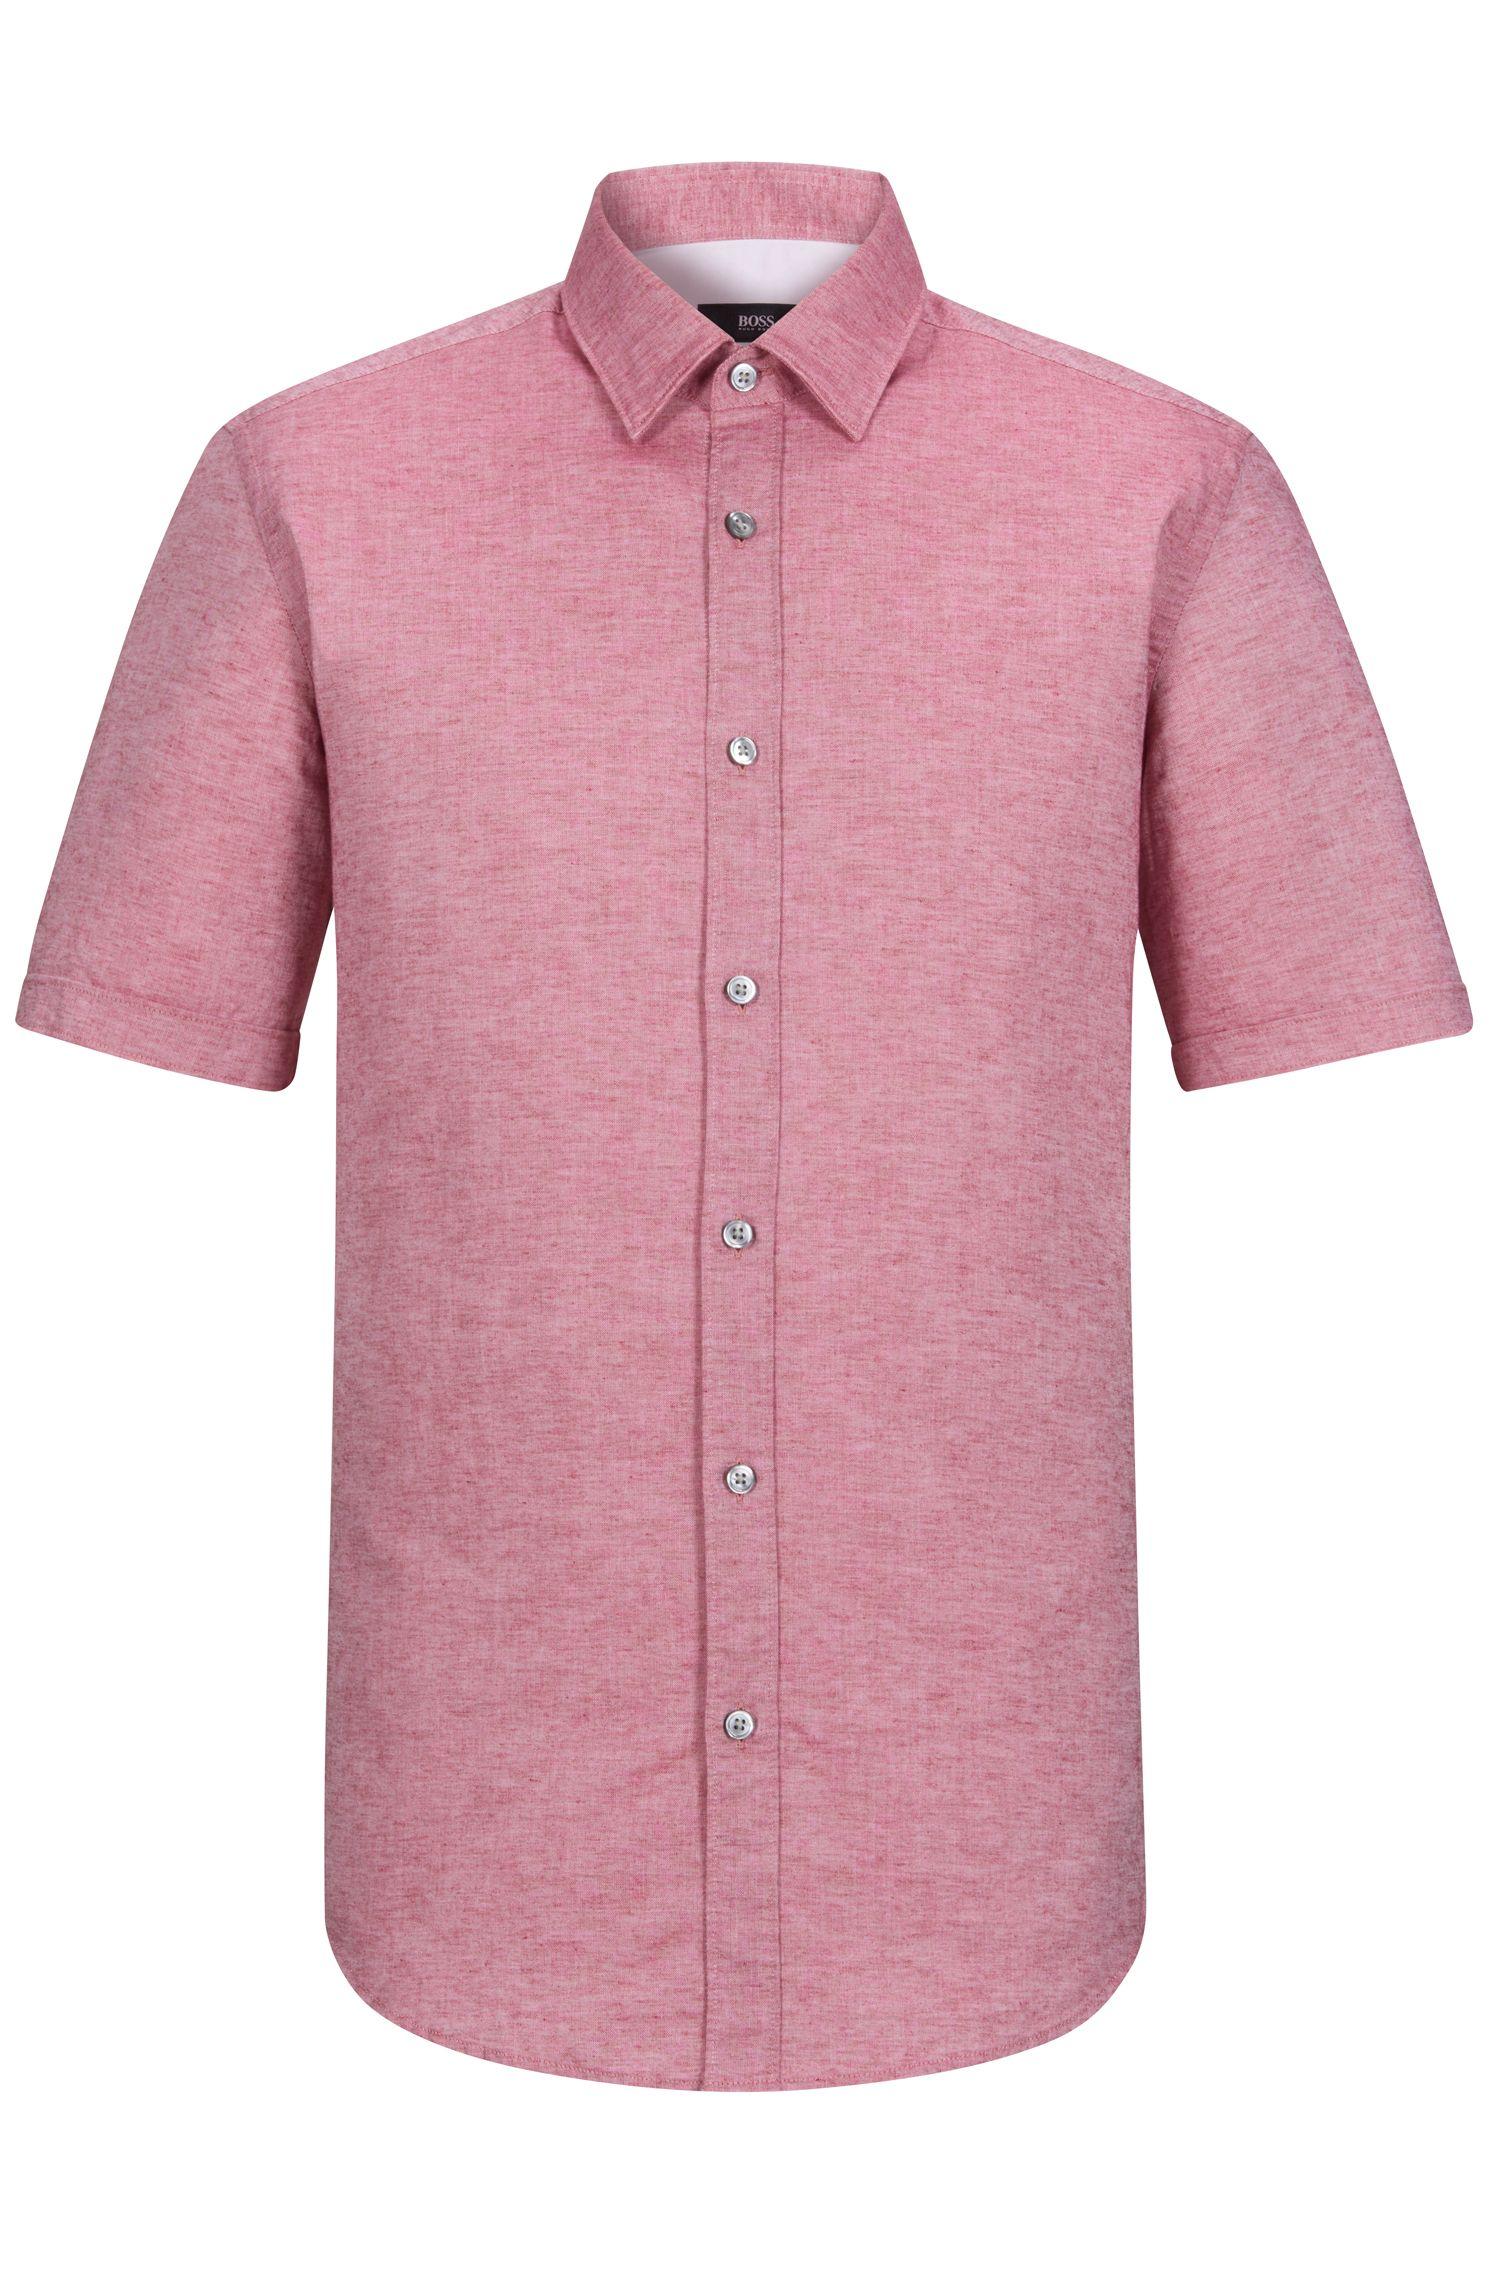 Cotton Linen Button Down Shirt, Regular Fit   Luka